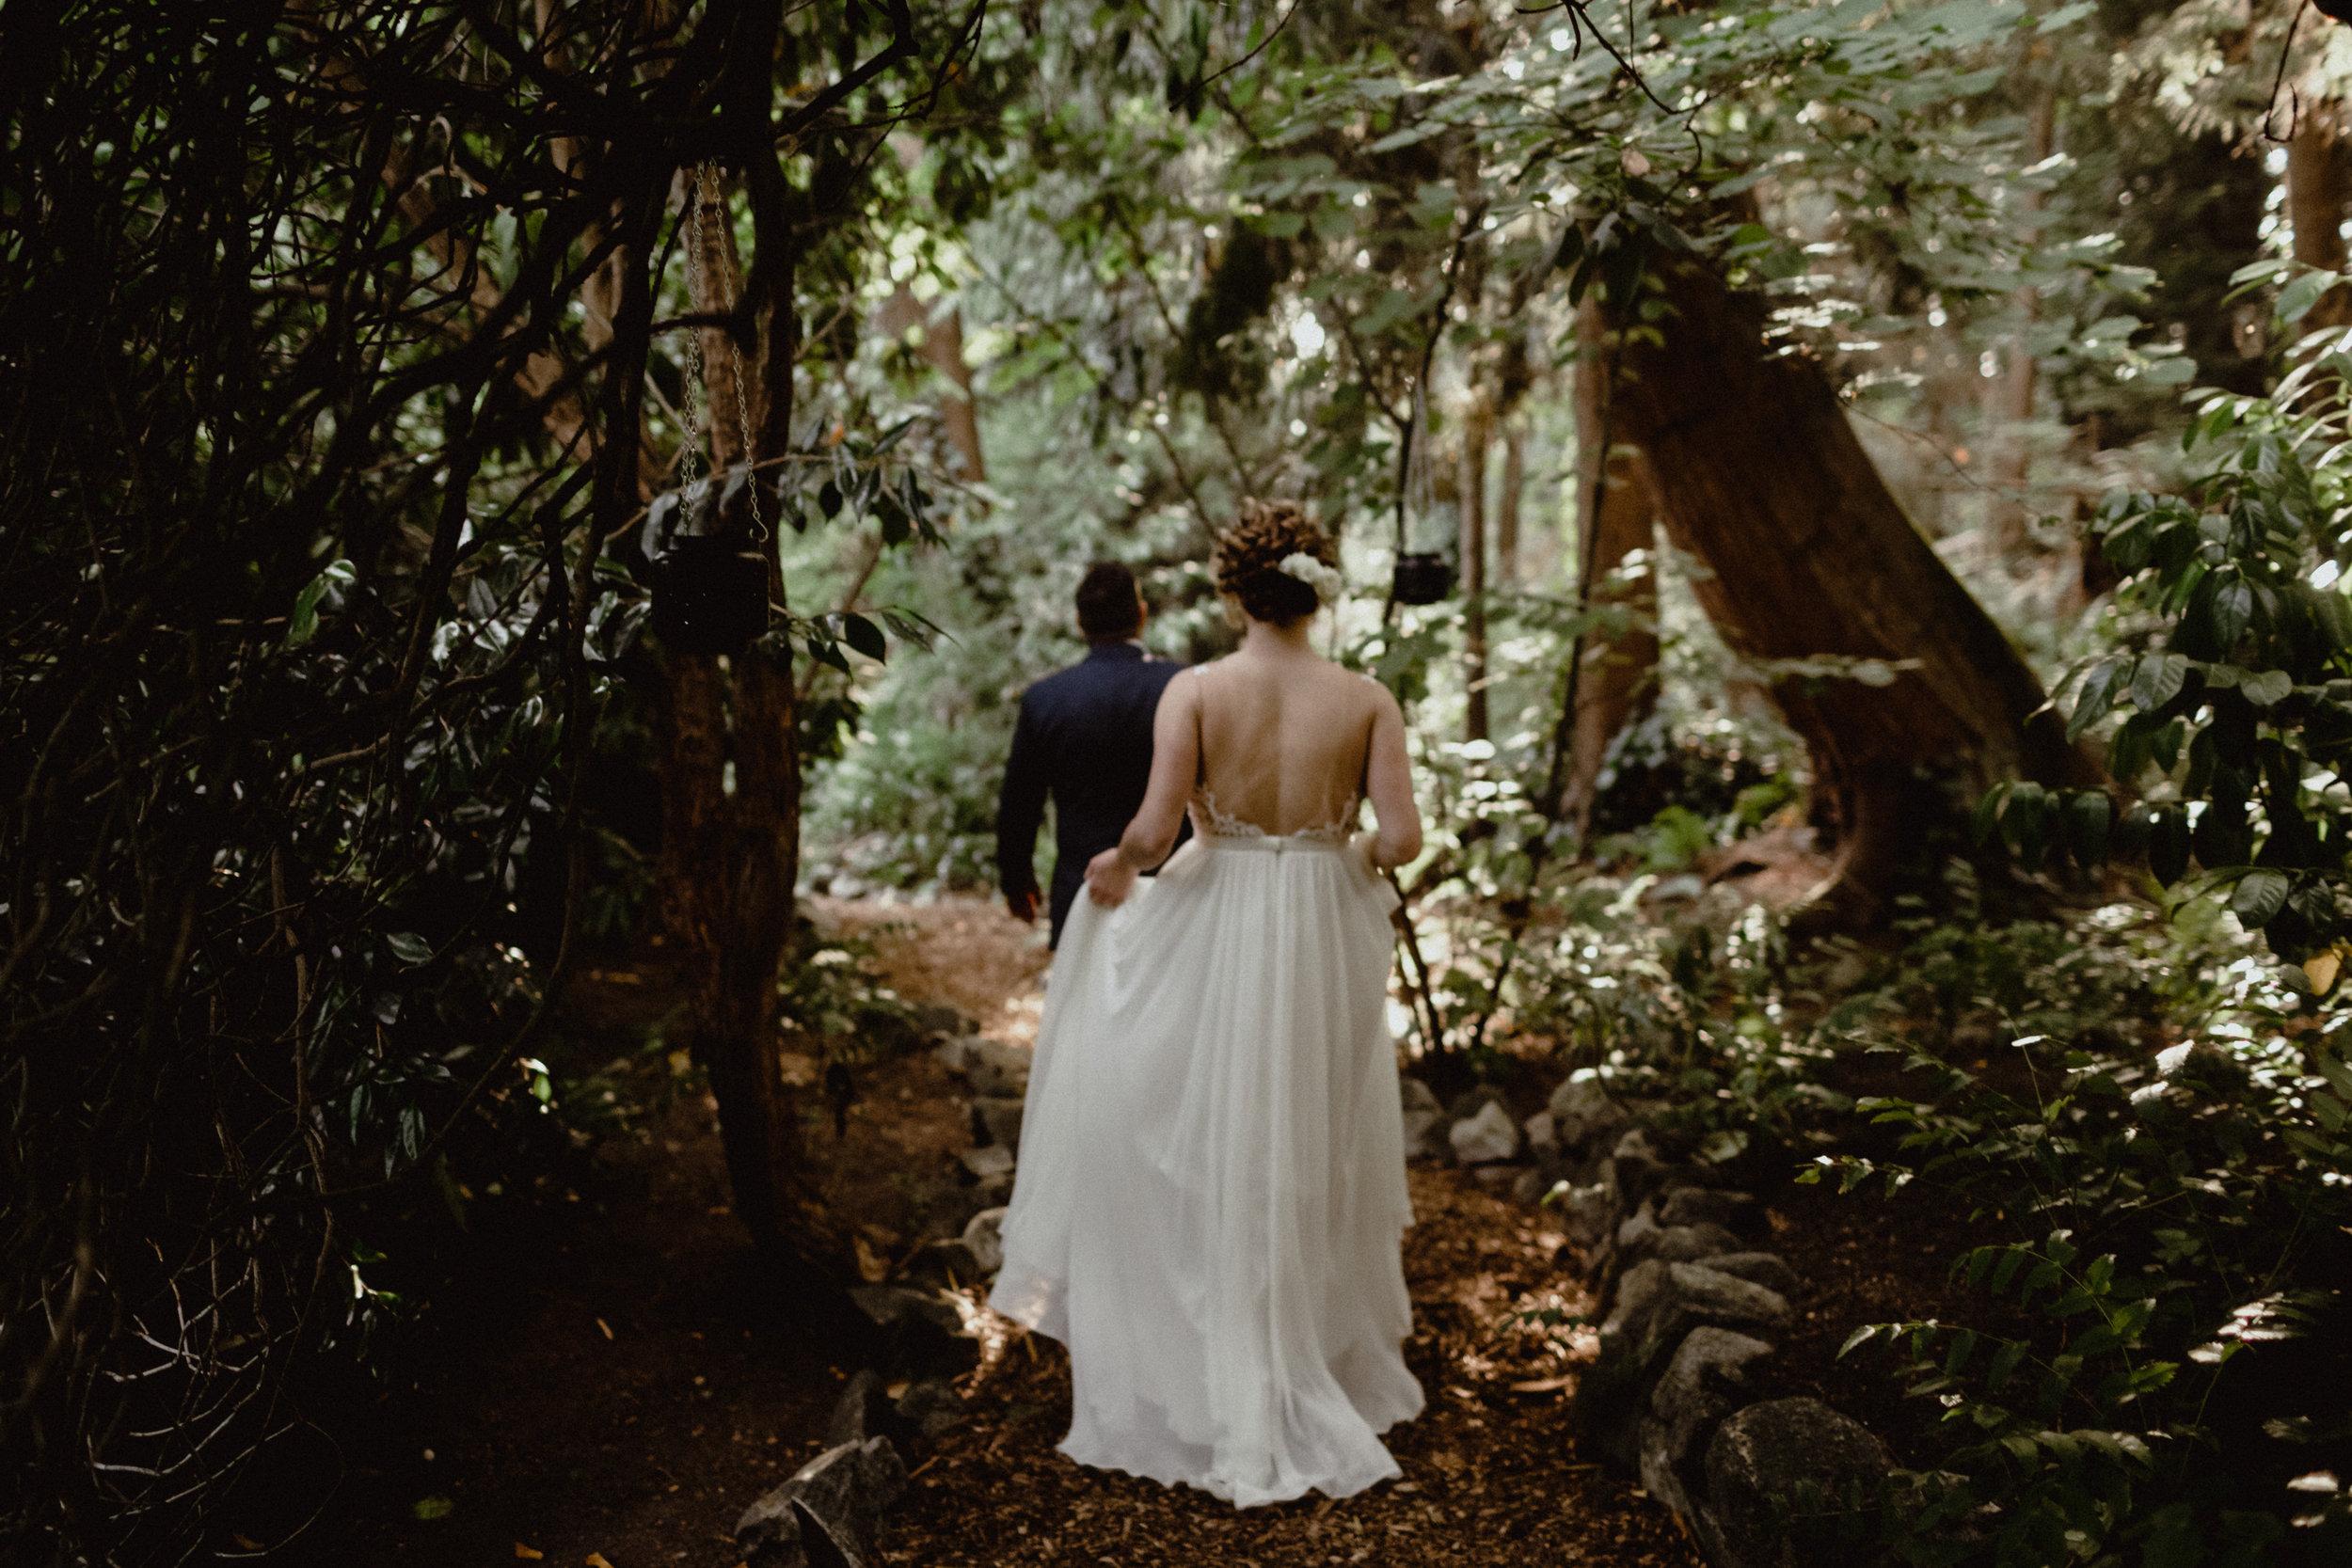 west-vancouver-backyard-wedding-187.jpg